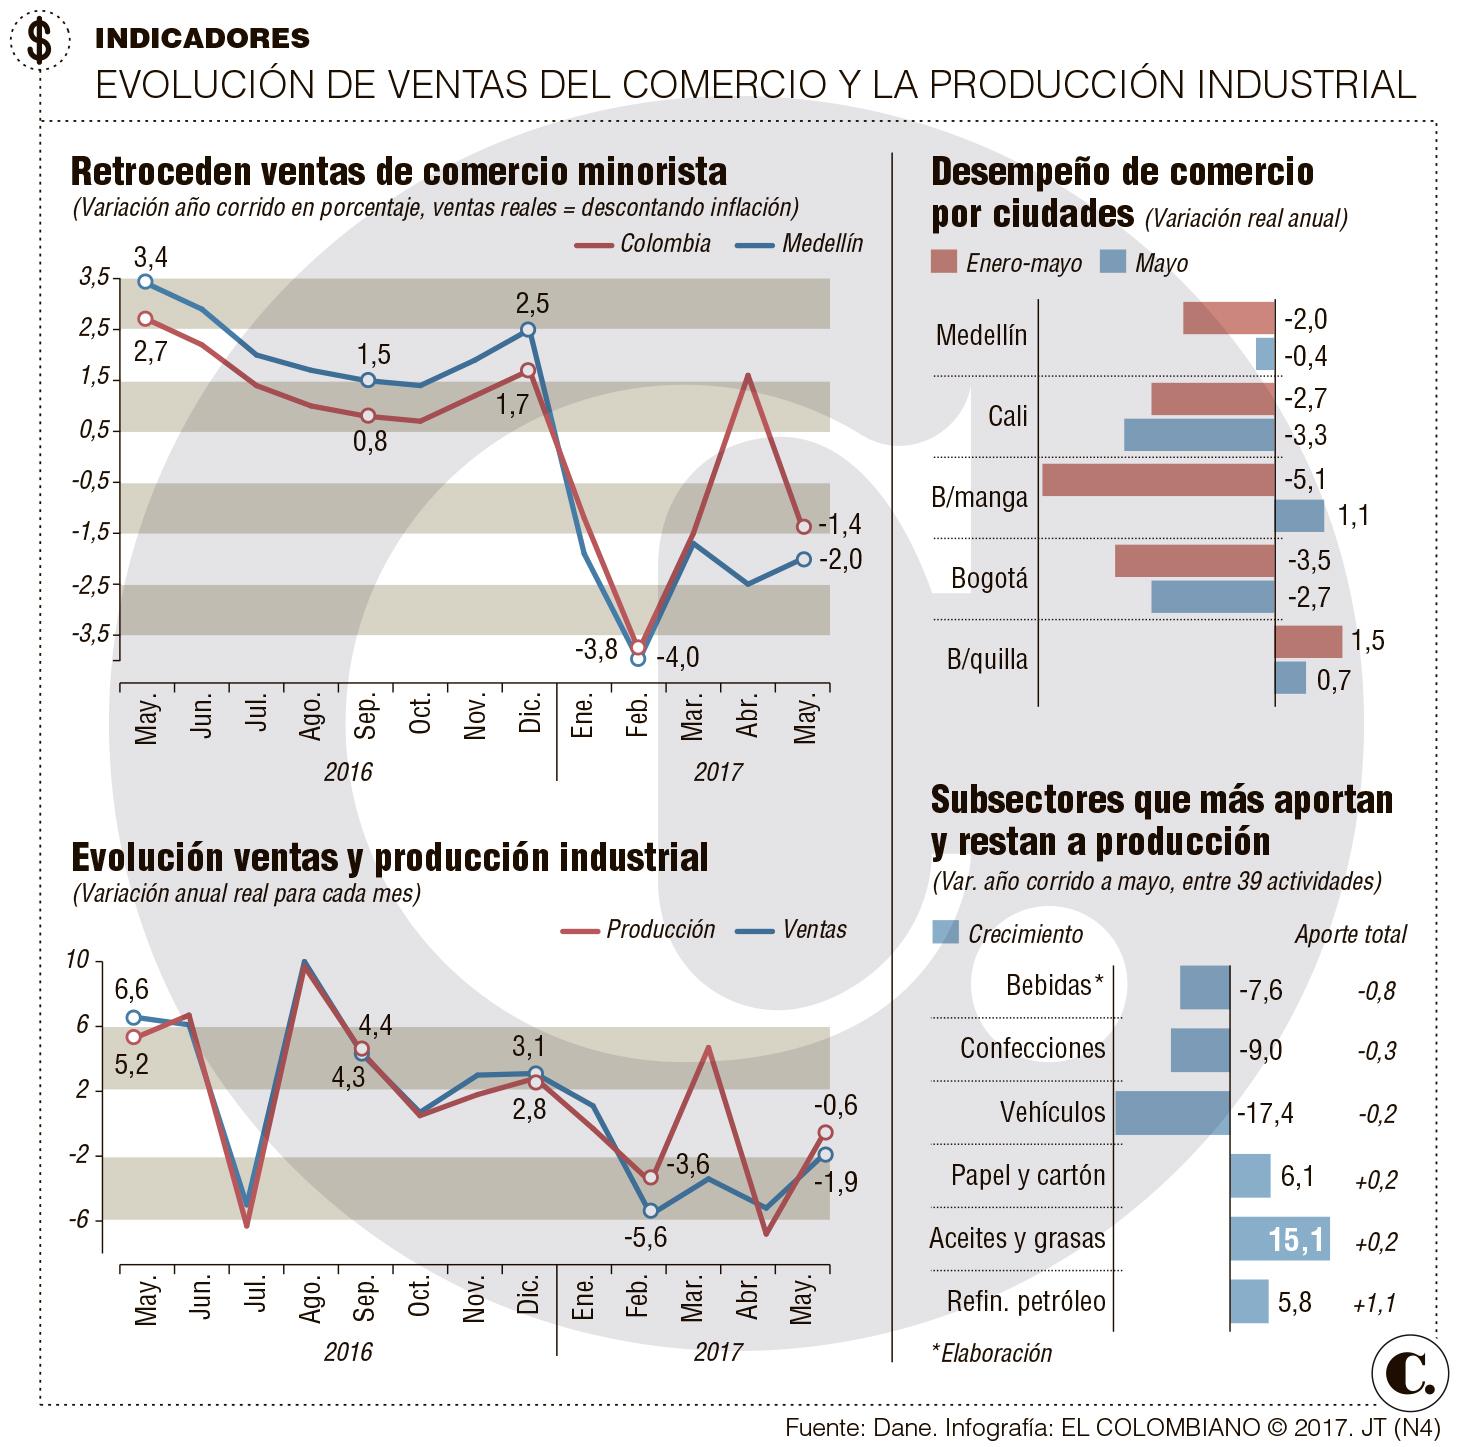 Así va la industria y comercio en Colombia a mayo de 2017